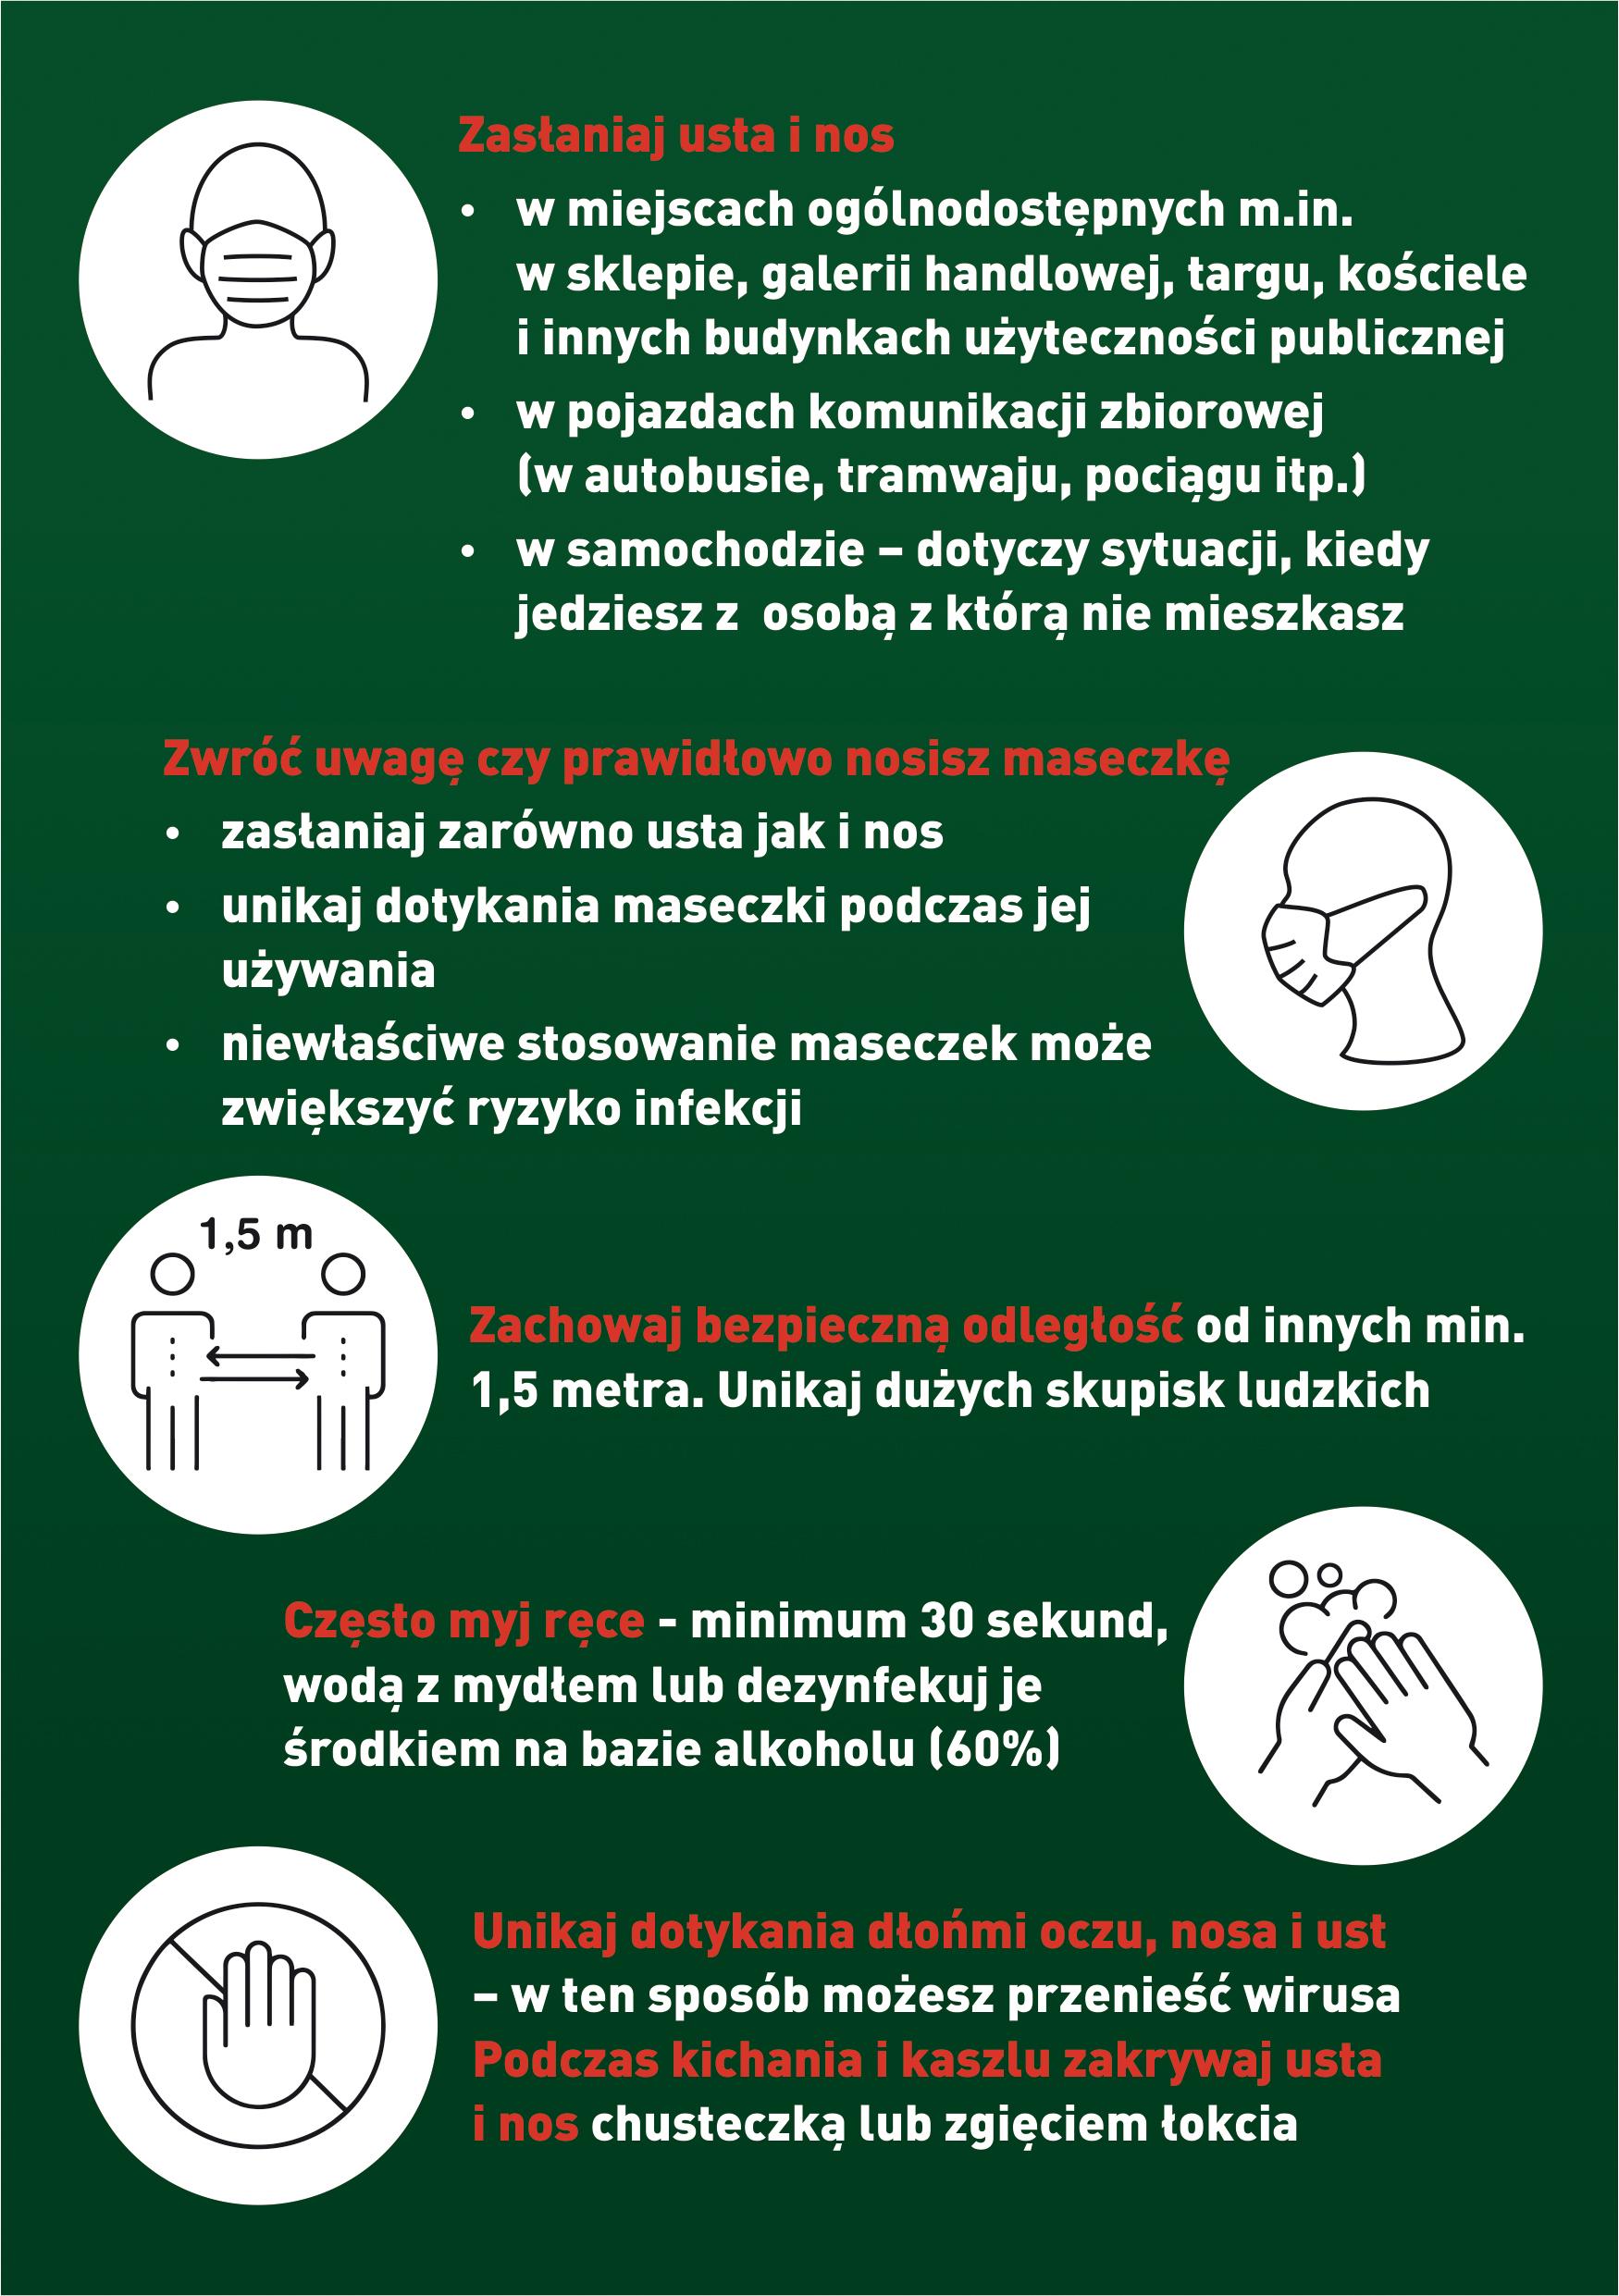 Koronawirus przestrzeganie podstawowych zasad bezpieczeństwa i higieny